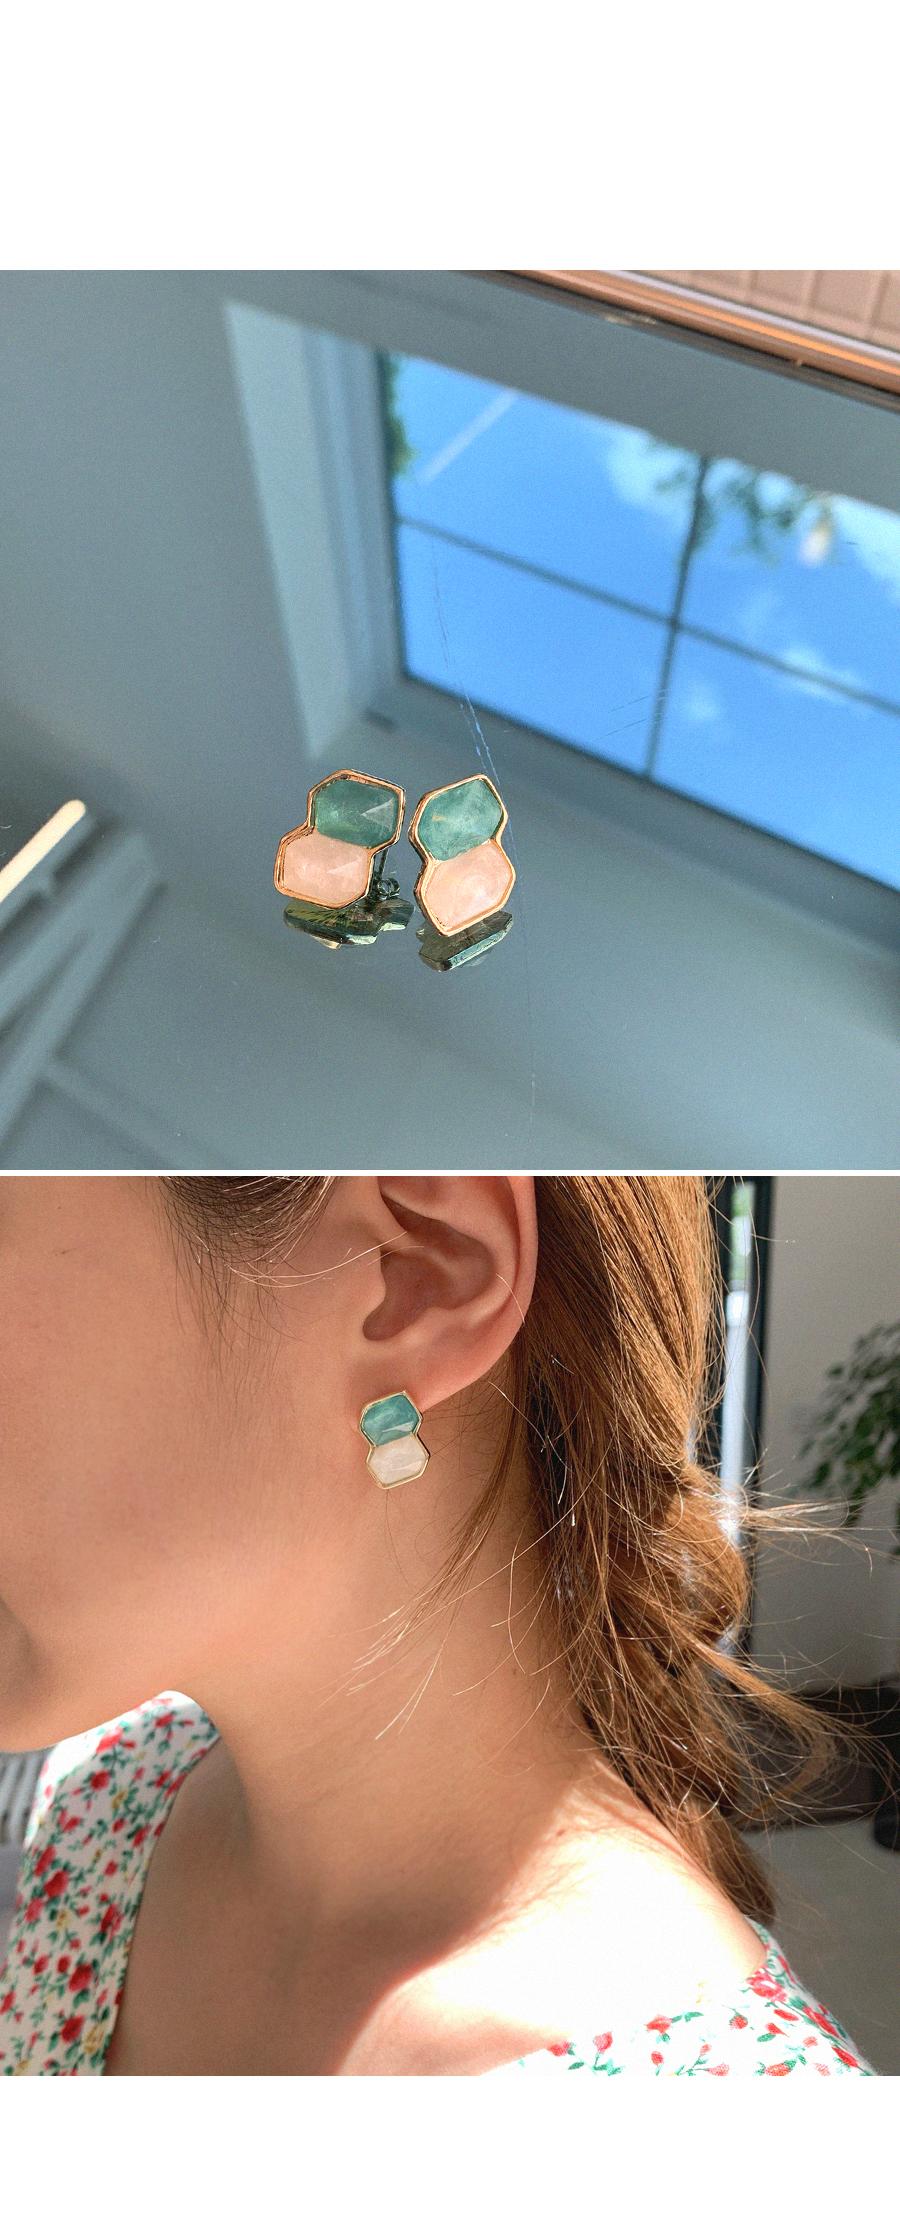 Two-tone jewelry earrings